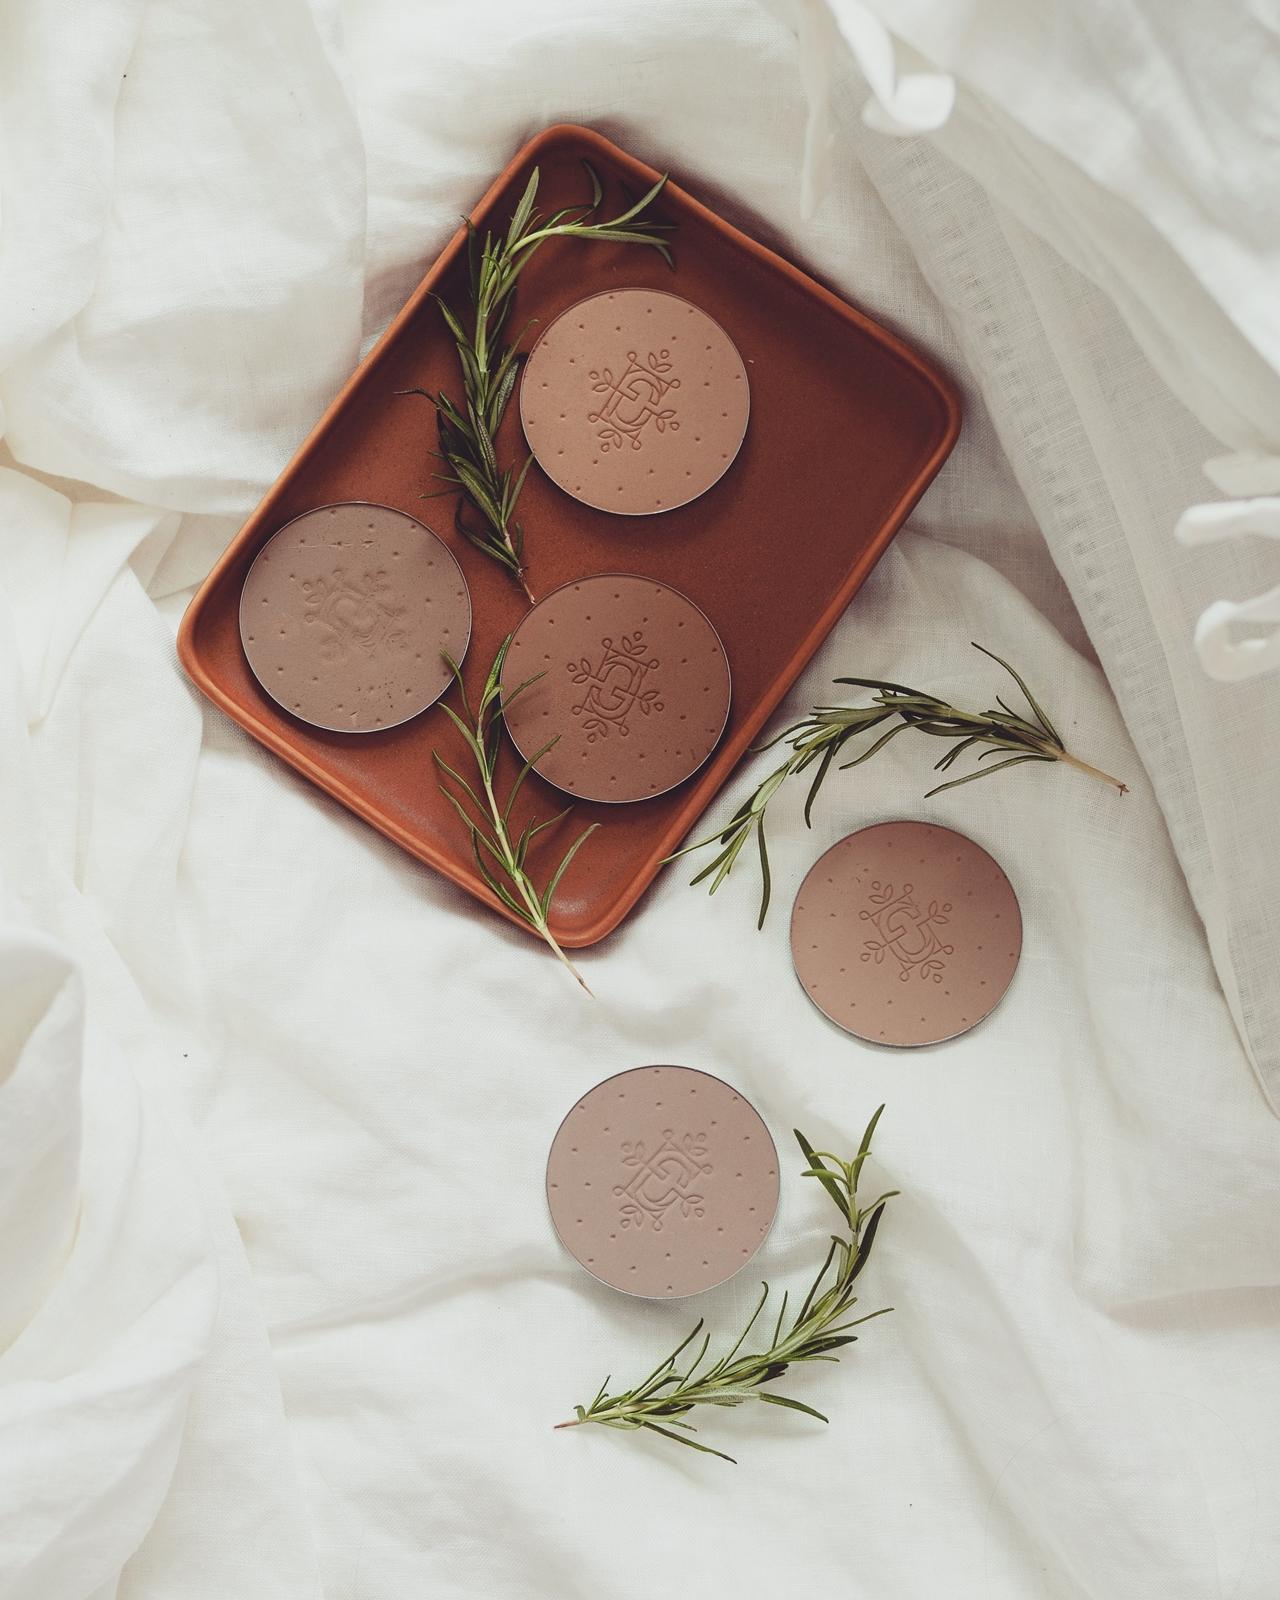 feerie celeste bewitched bronze bronzing and contouring powder puder brązujący do konturowania z wyciągiem z brązowych alg kolory brązerów pixie cosmetics brązer naturalny brązer jak wygląda na skórze brązer nie zapycha porów